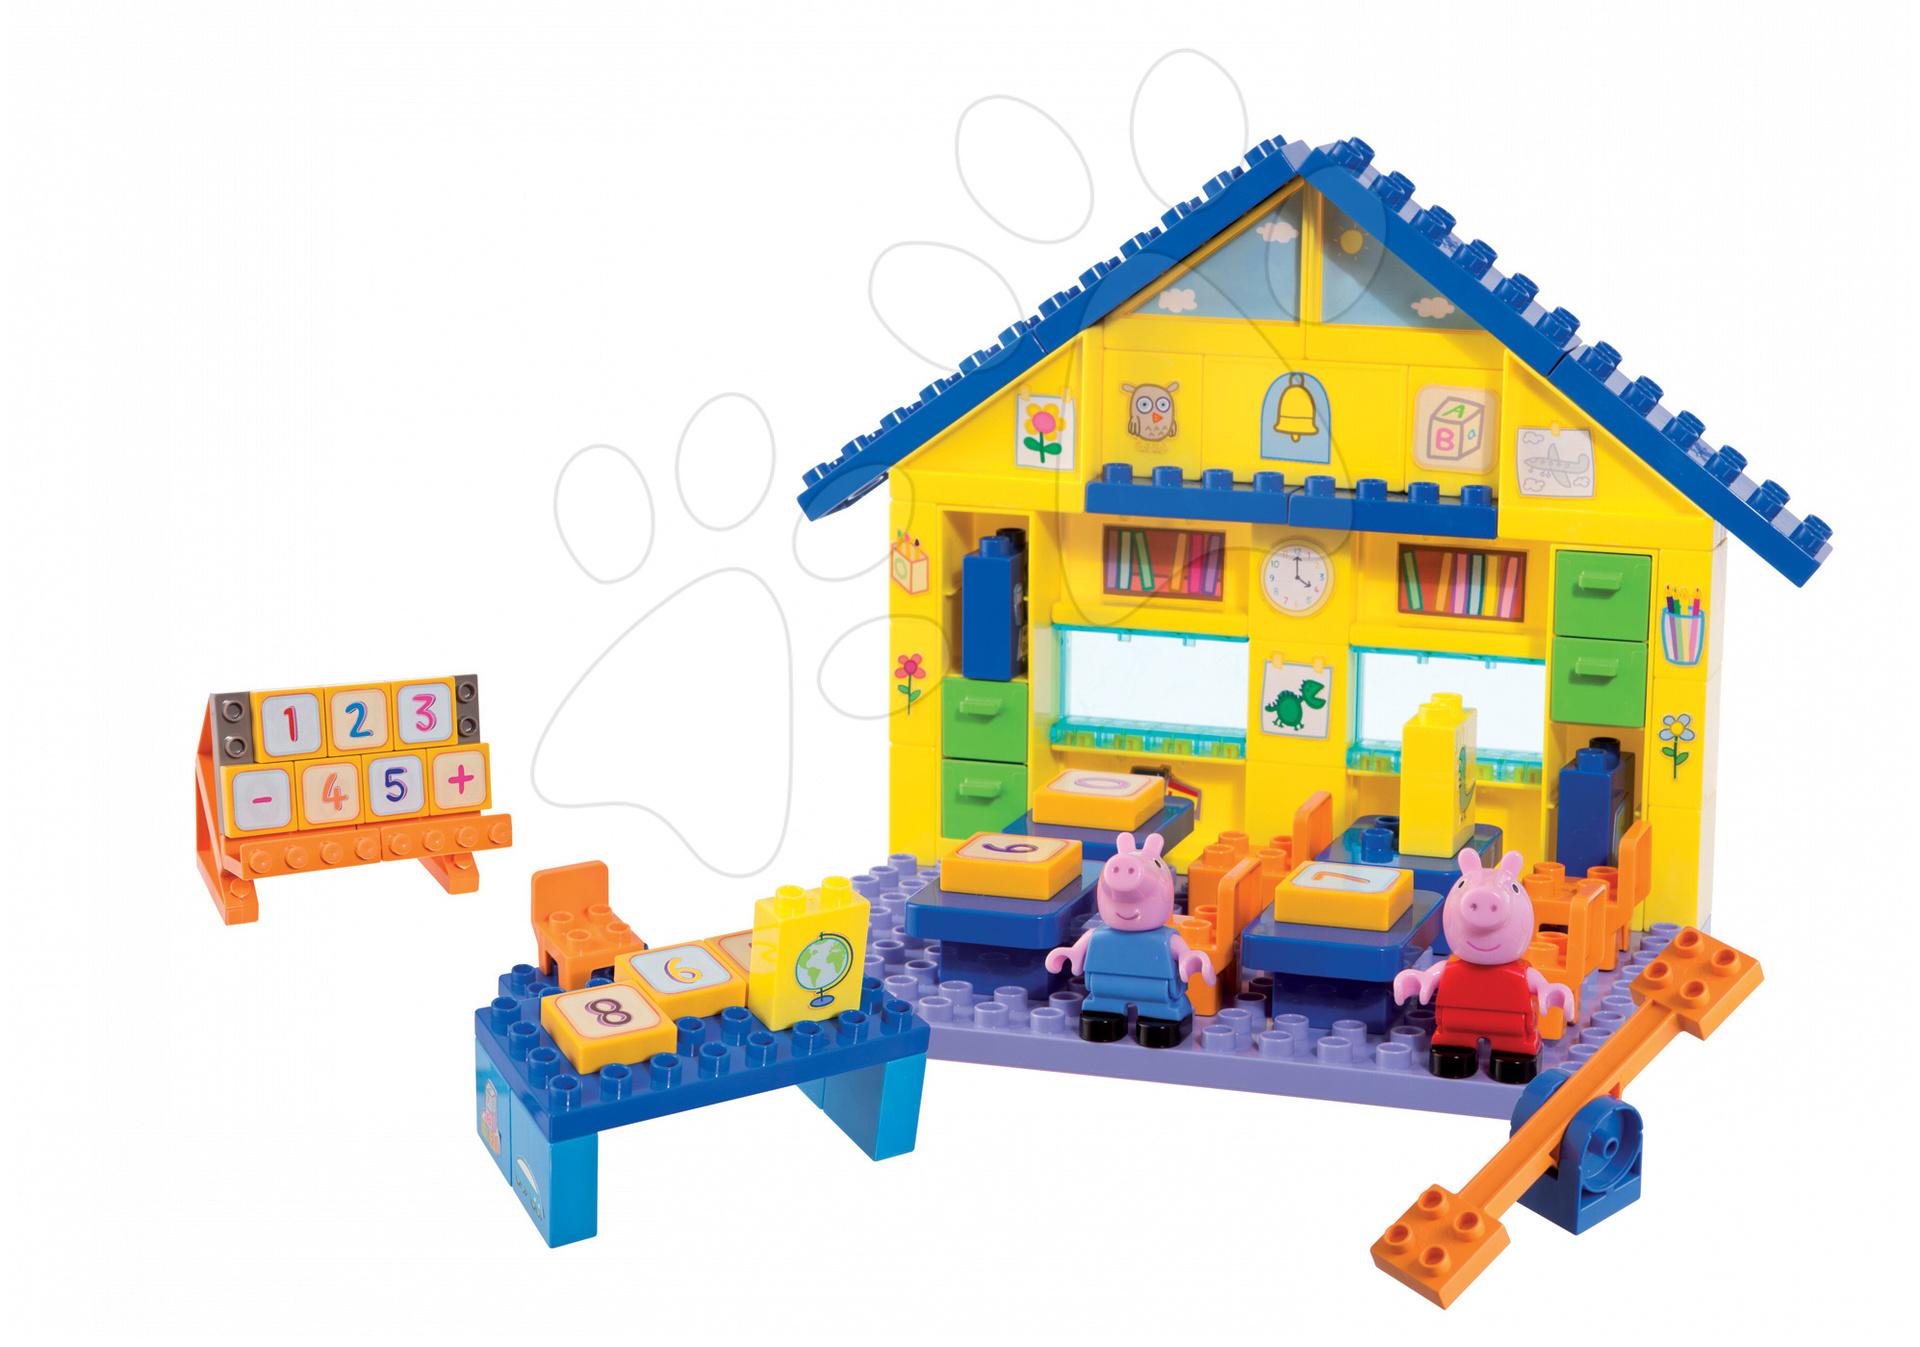 Építőjátékok BIG-Bloxx mint lego - Építőjáték Peppa Pig iskolában szorzótáblával PlayBIG Bloxx BIG 2 figurával 87 darabos